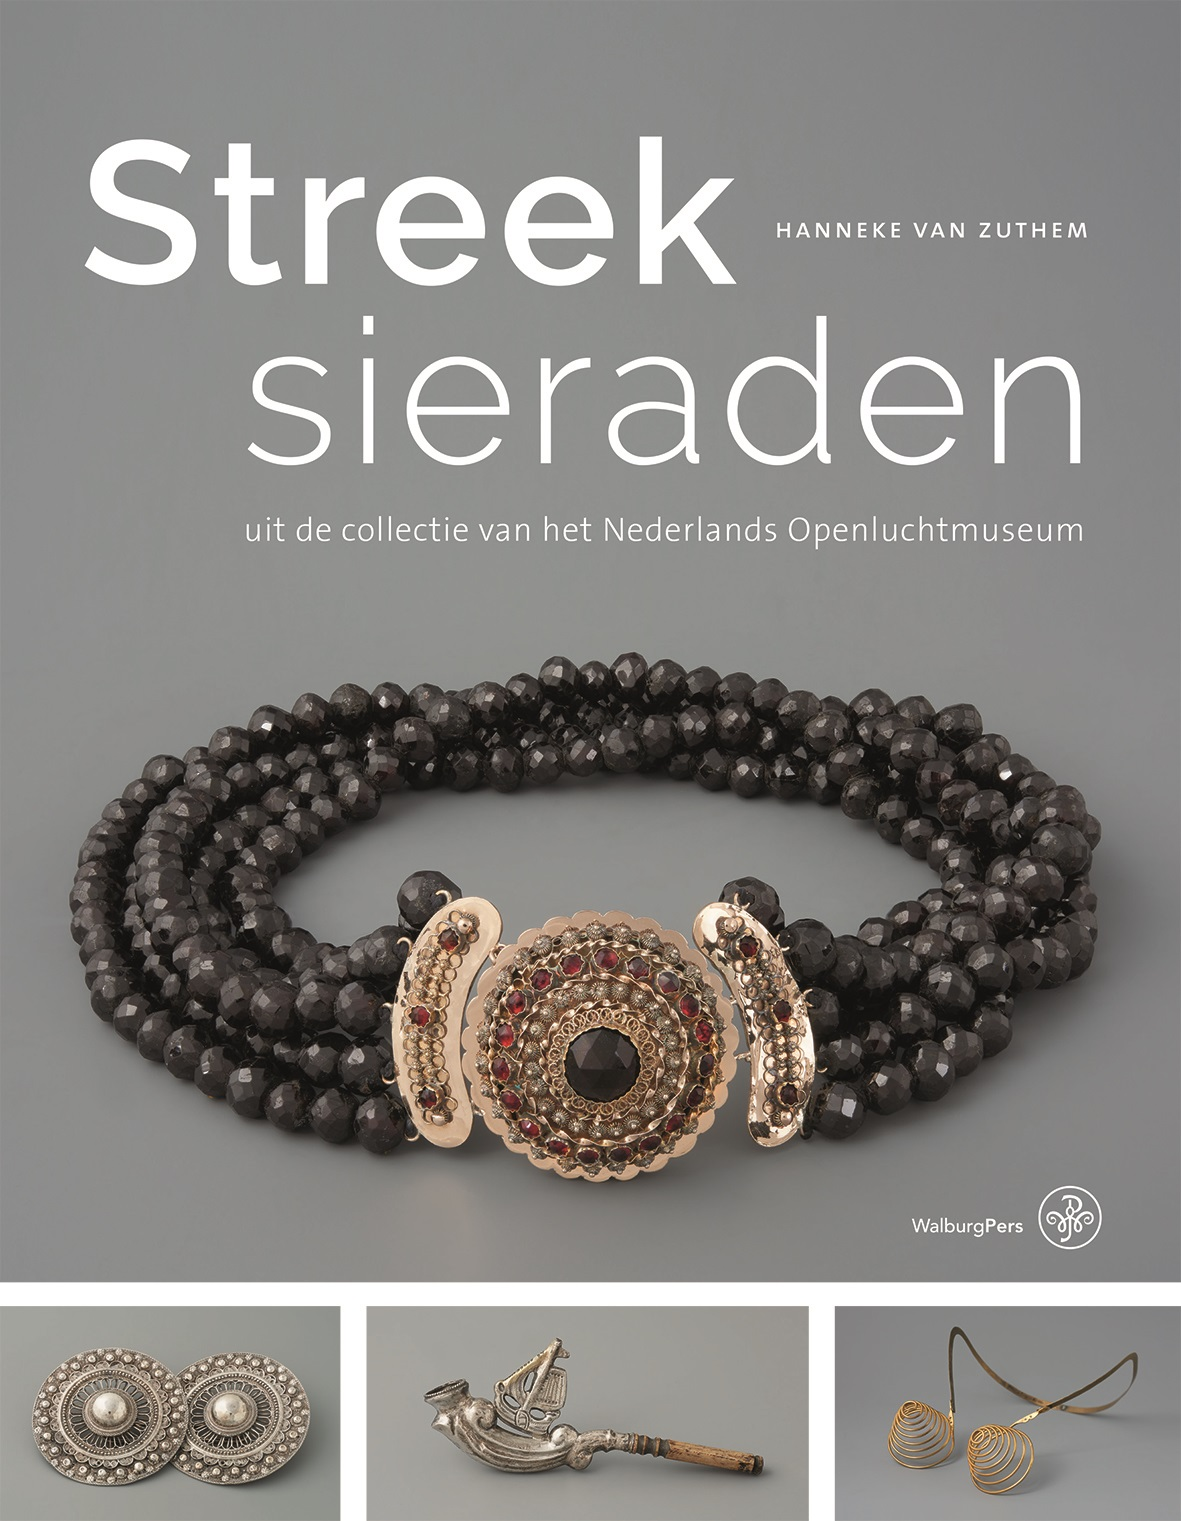 Omslag Streeksieraden, Hanneke van Zuthem, 2018, drukwerk, halssieraad, granaat, goud